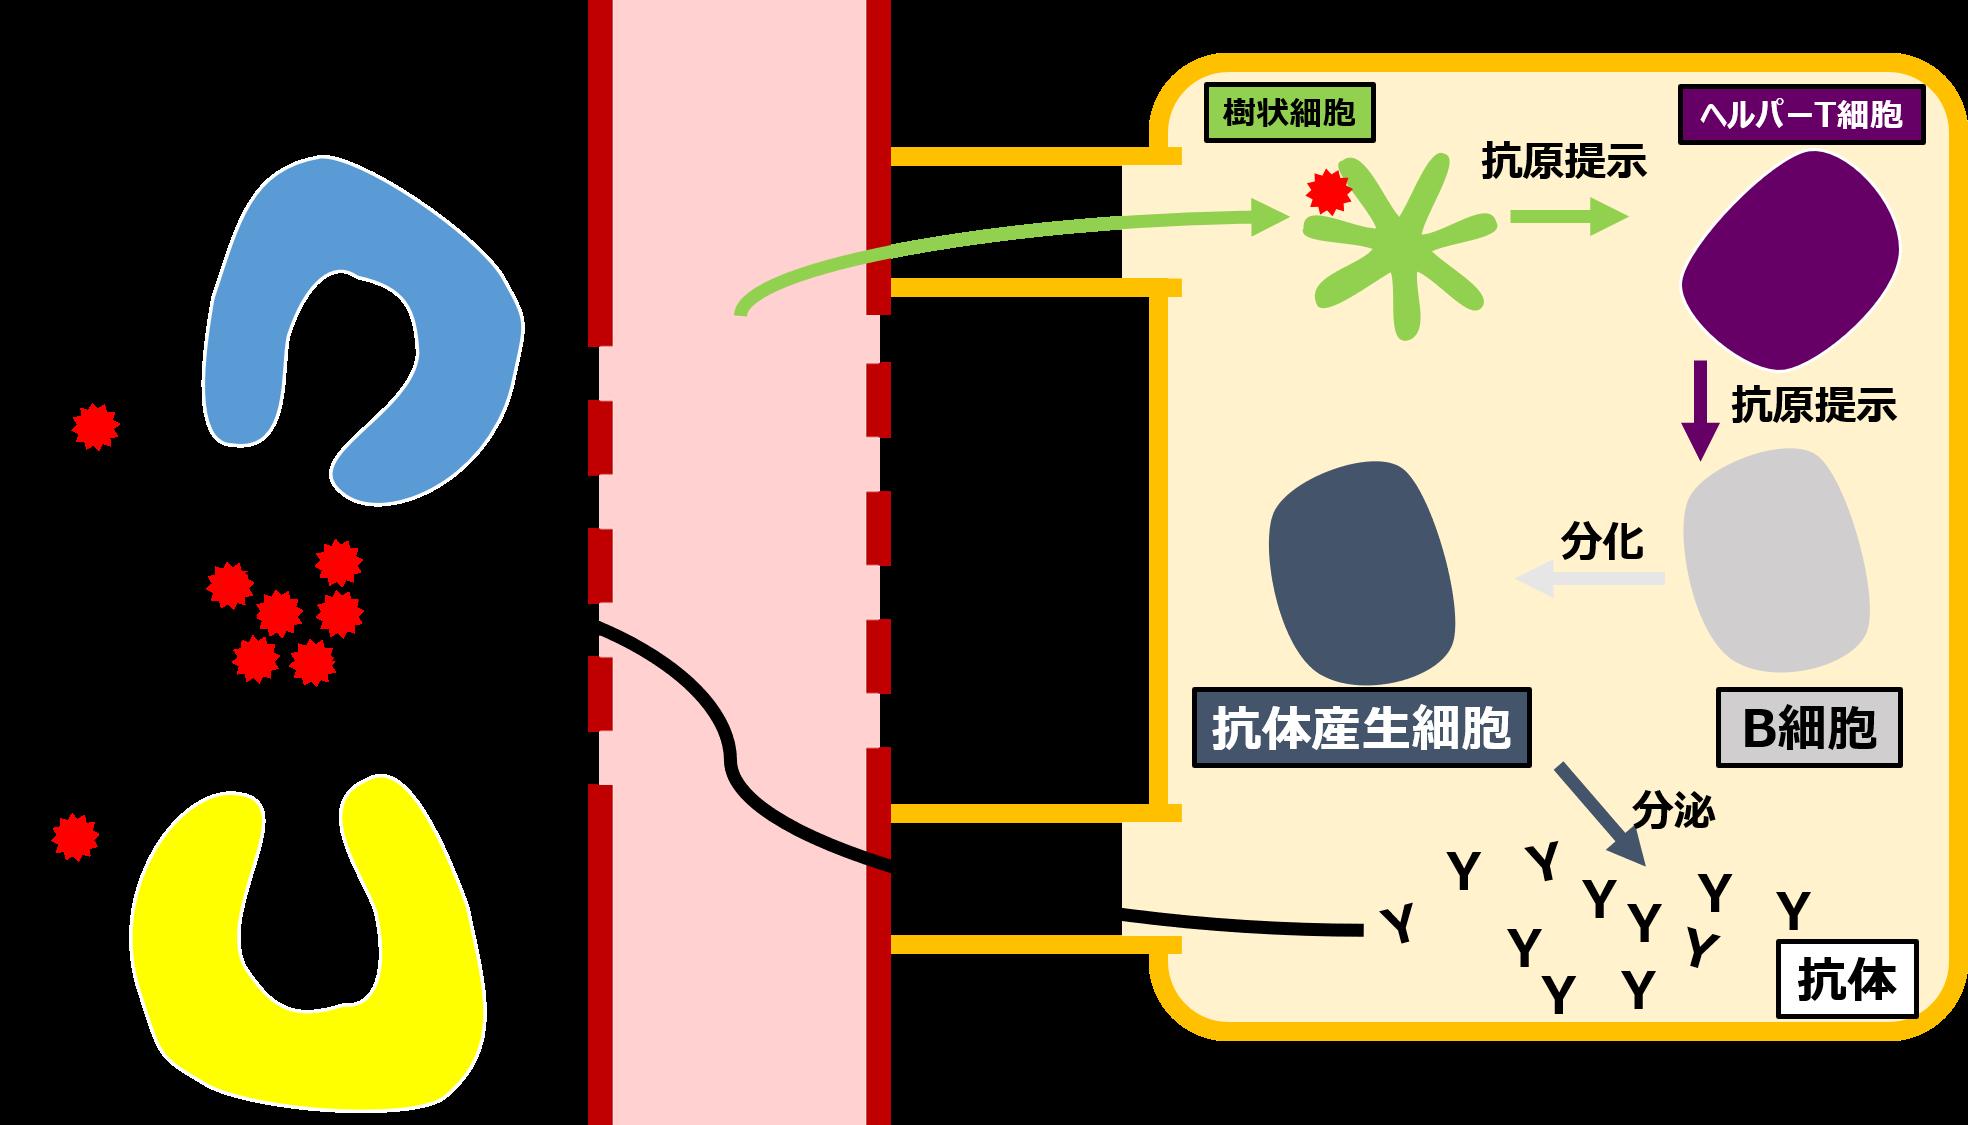 樹状細胞がヘルパーT細胞に抗原提示し、ヘルパーT細胞はB細胞に抗原提示する。B細胞は抗体産生細胞に分化し、抗体を分泌する。